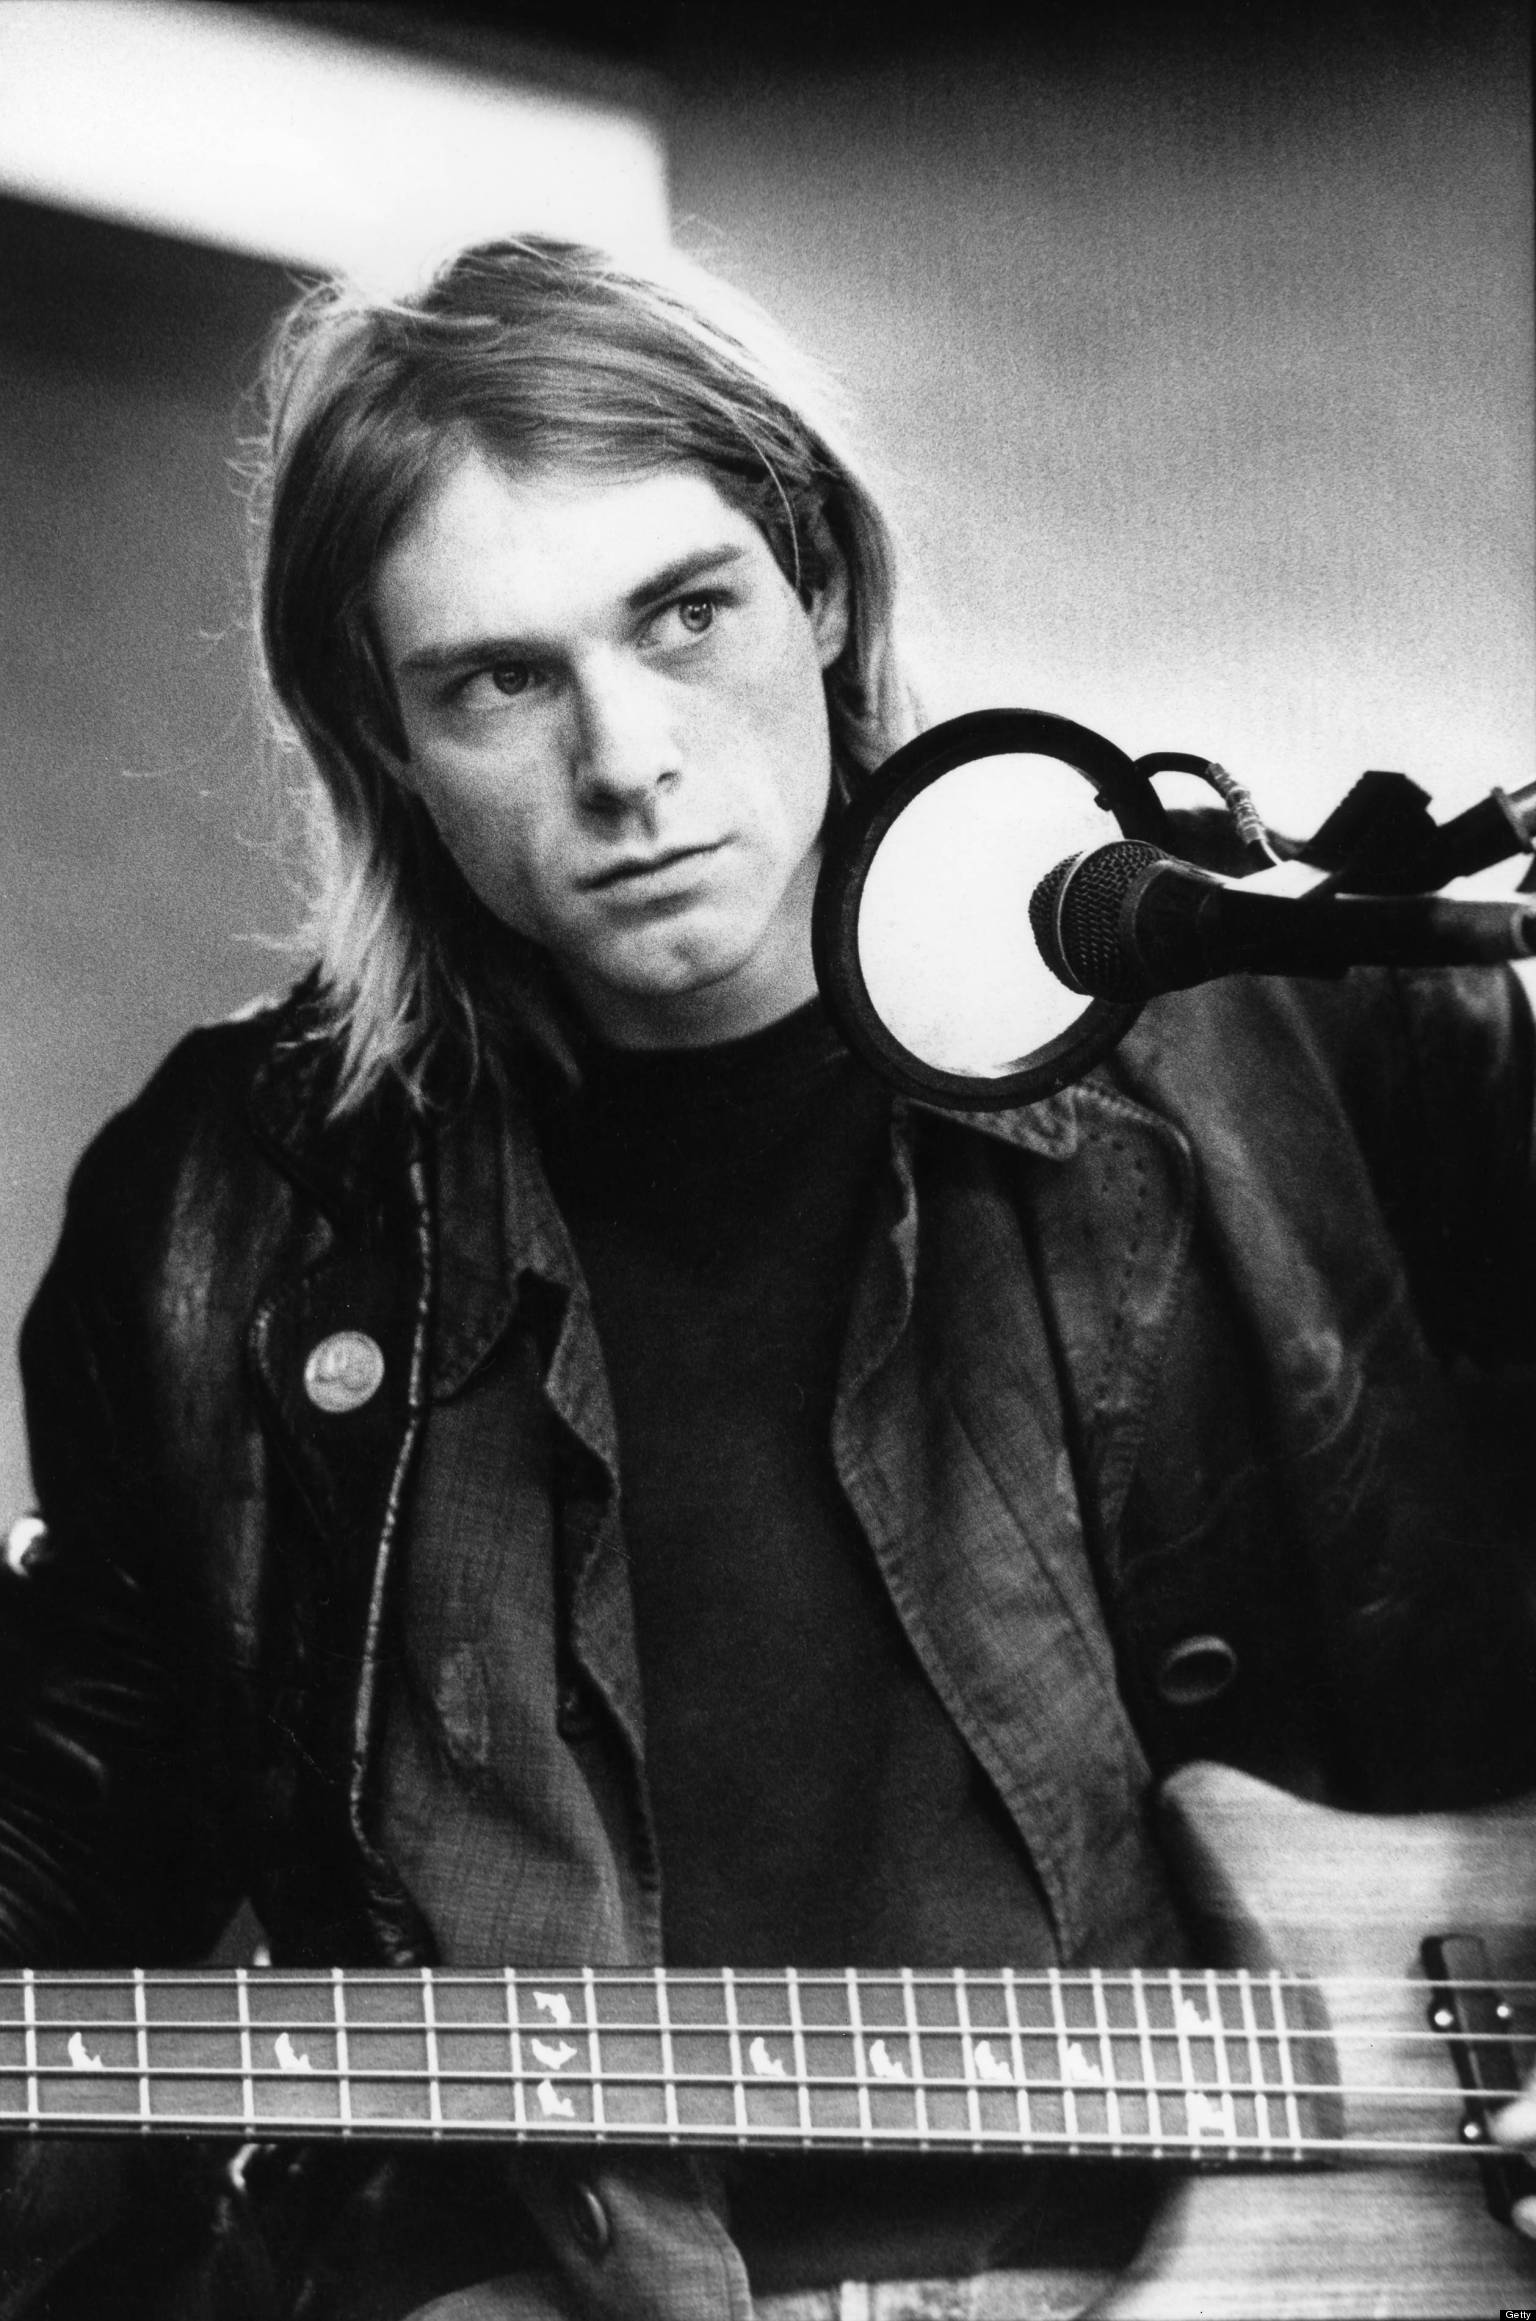 kurt cobain - photo #1